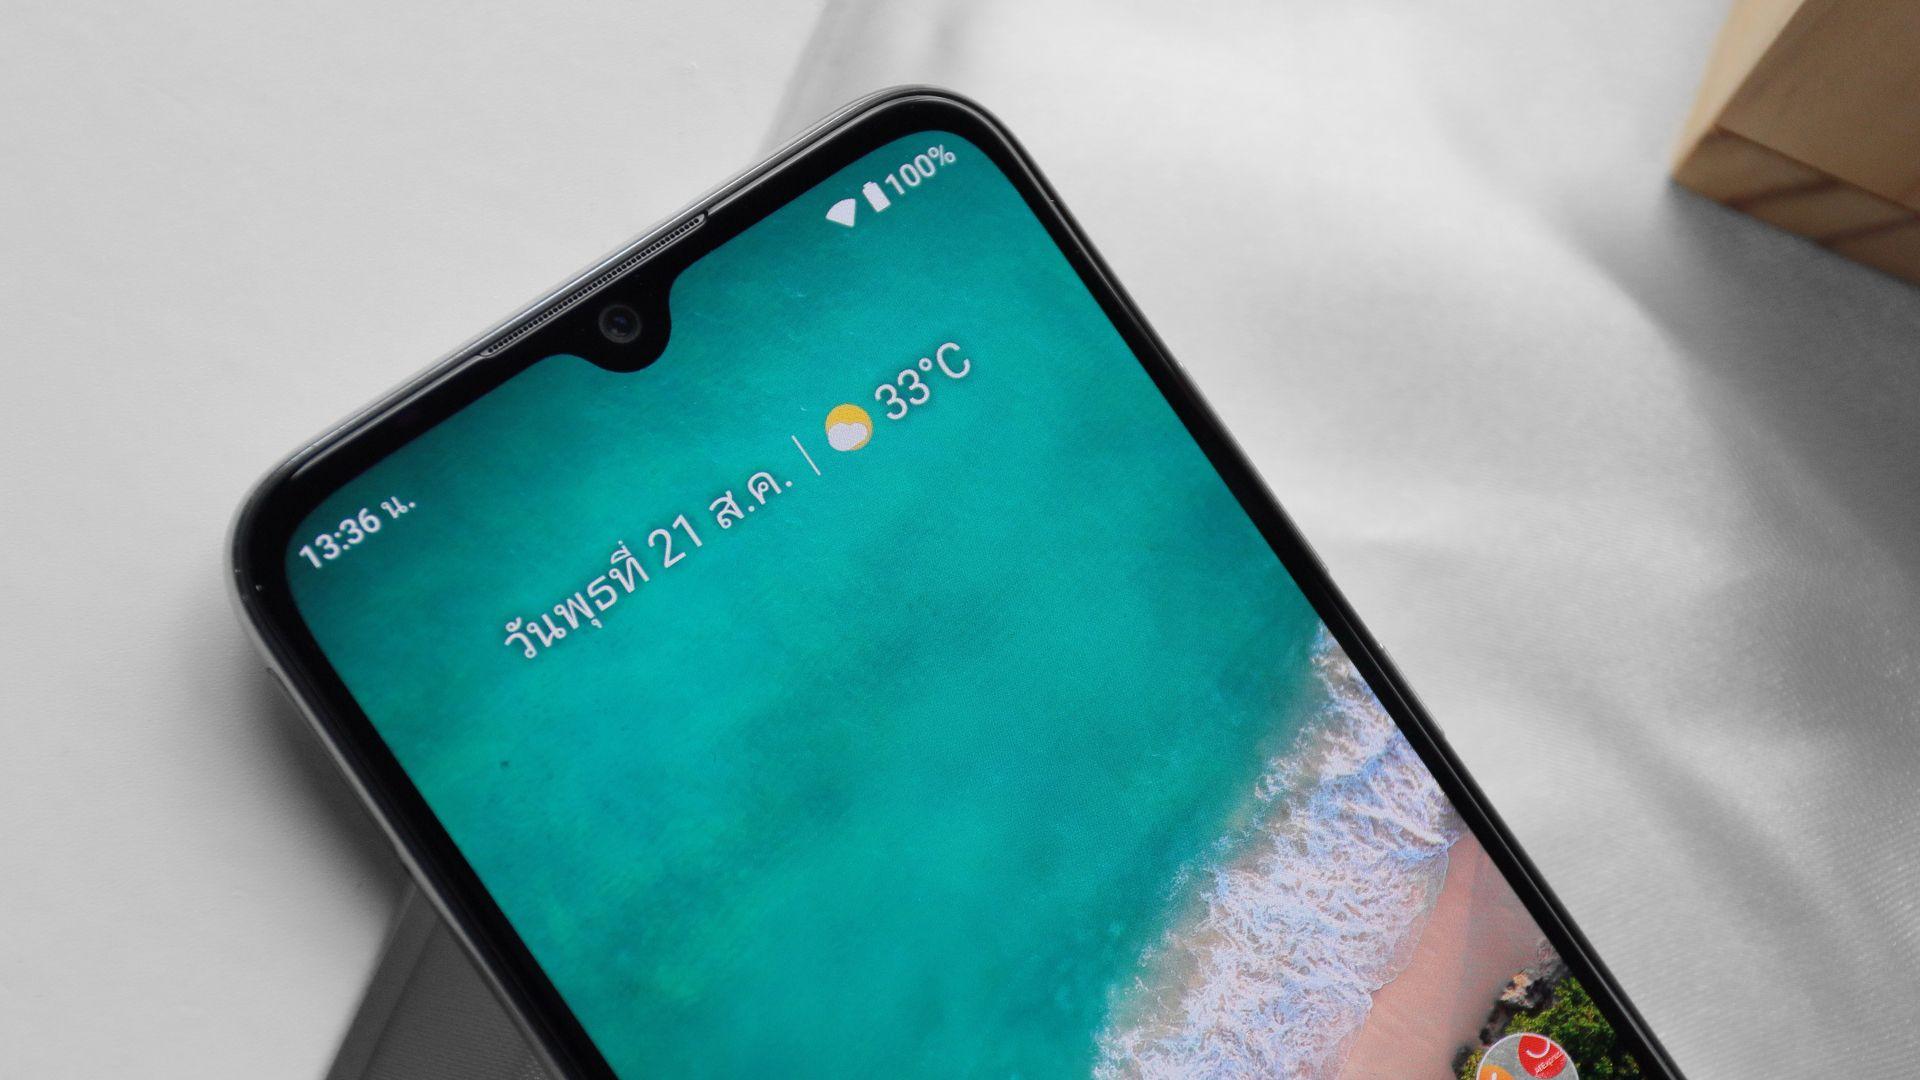 Xiaomi Mi A3 é um celular com infravermelho. (Imagem: Framesira/Shutterstock)